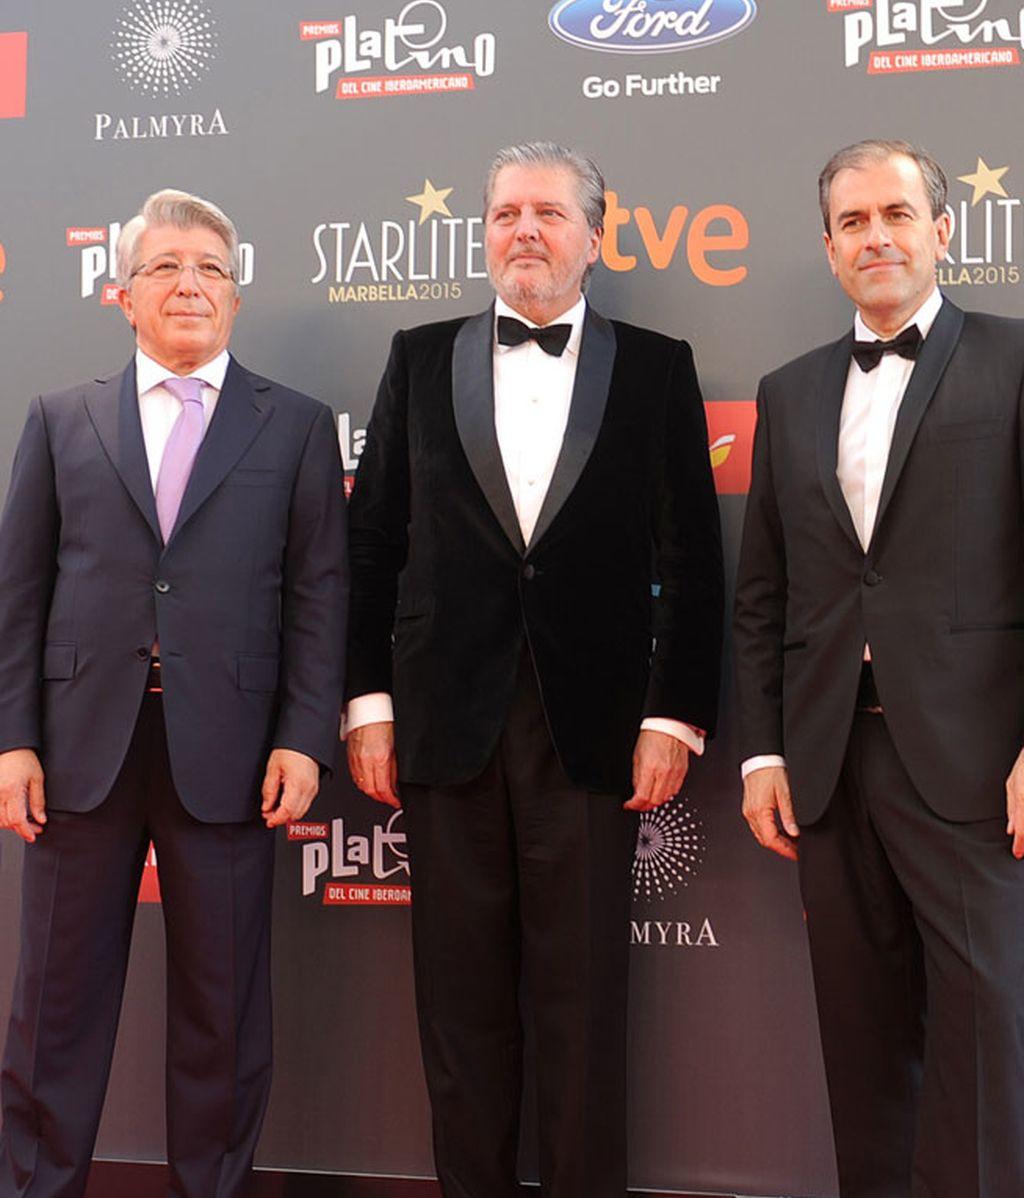 El ministro de cultura, Íñigo Méndez y Enrique Cerezo